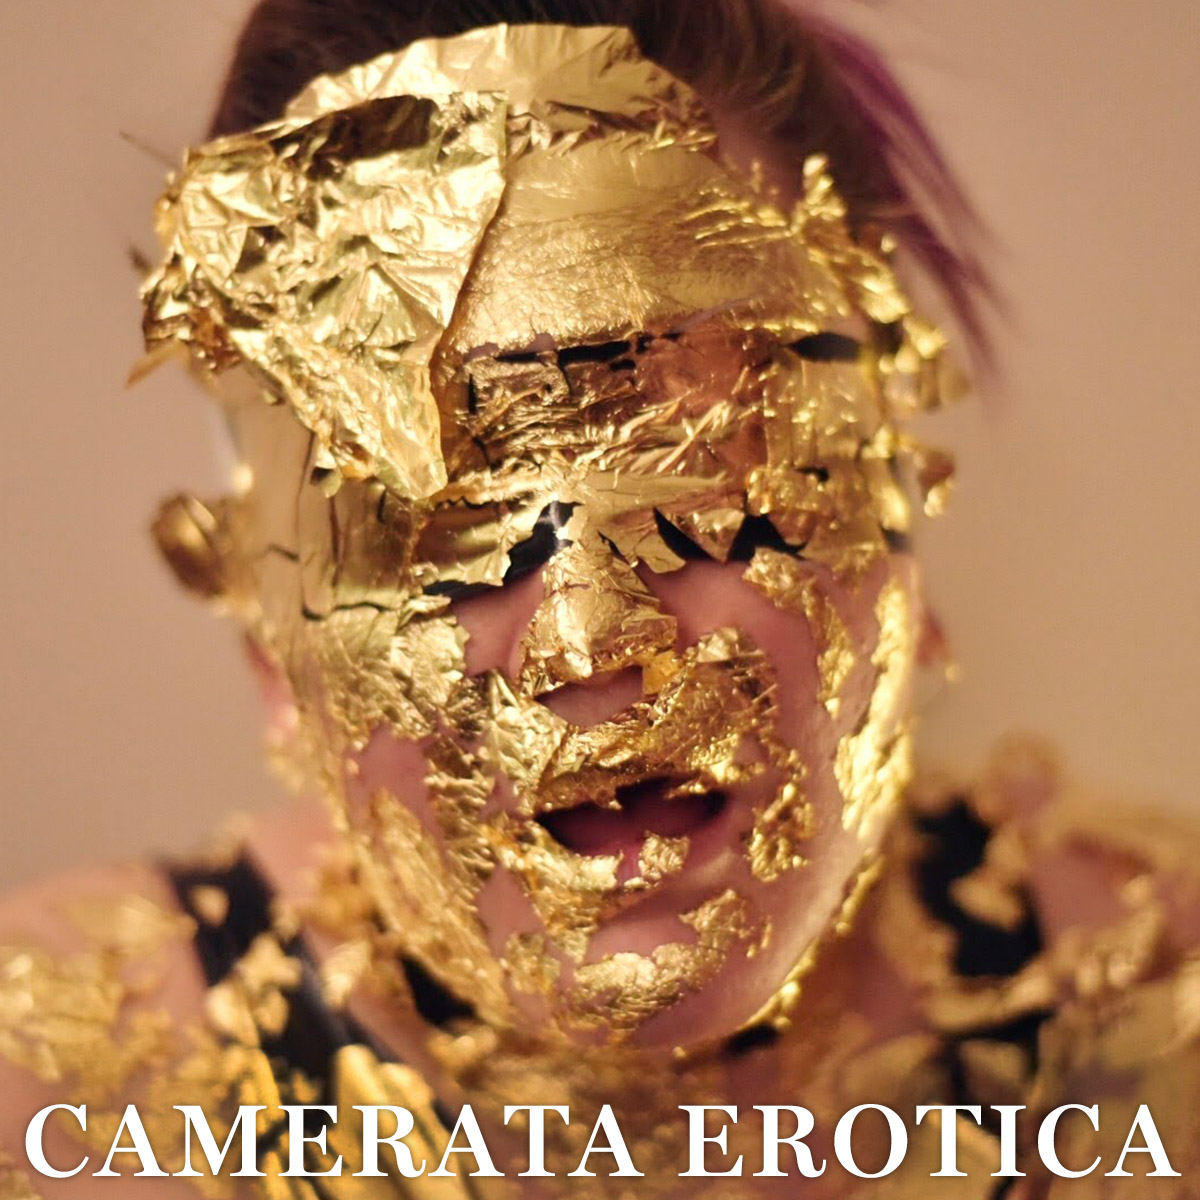 Camerata Erotica at Euridice Gallery